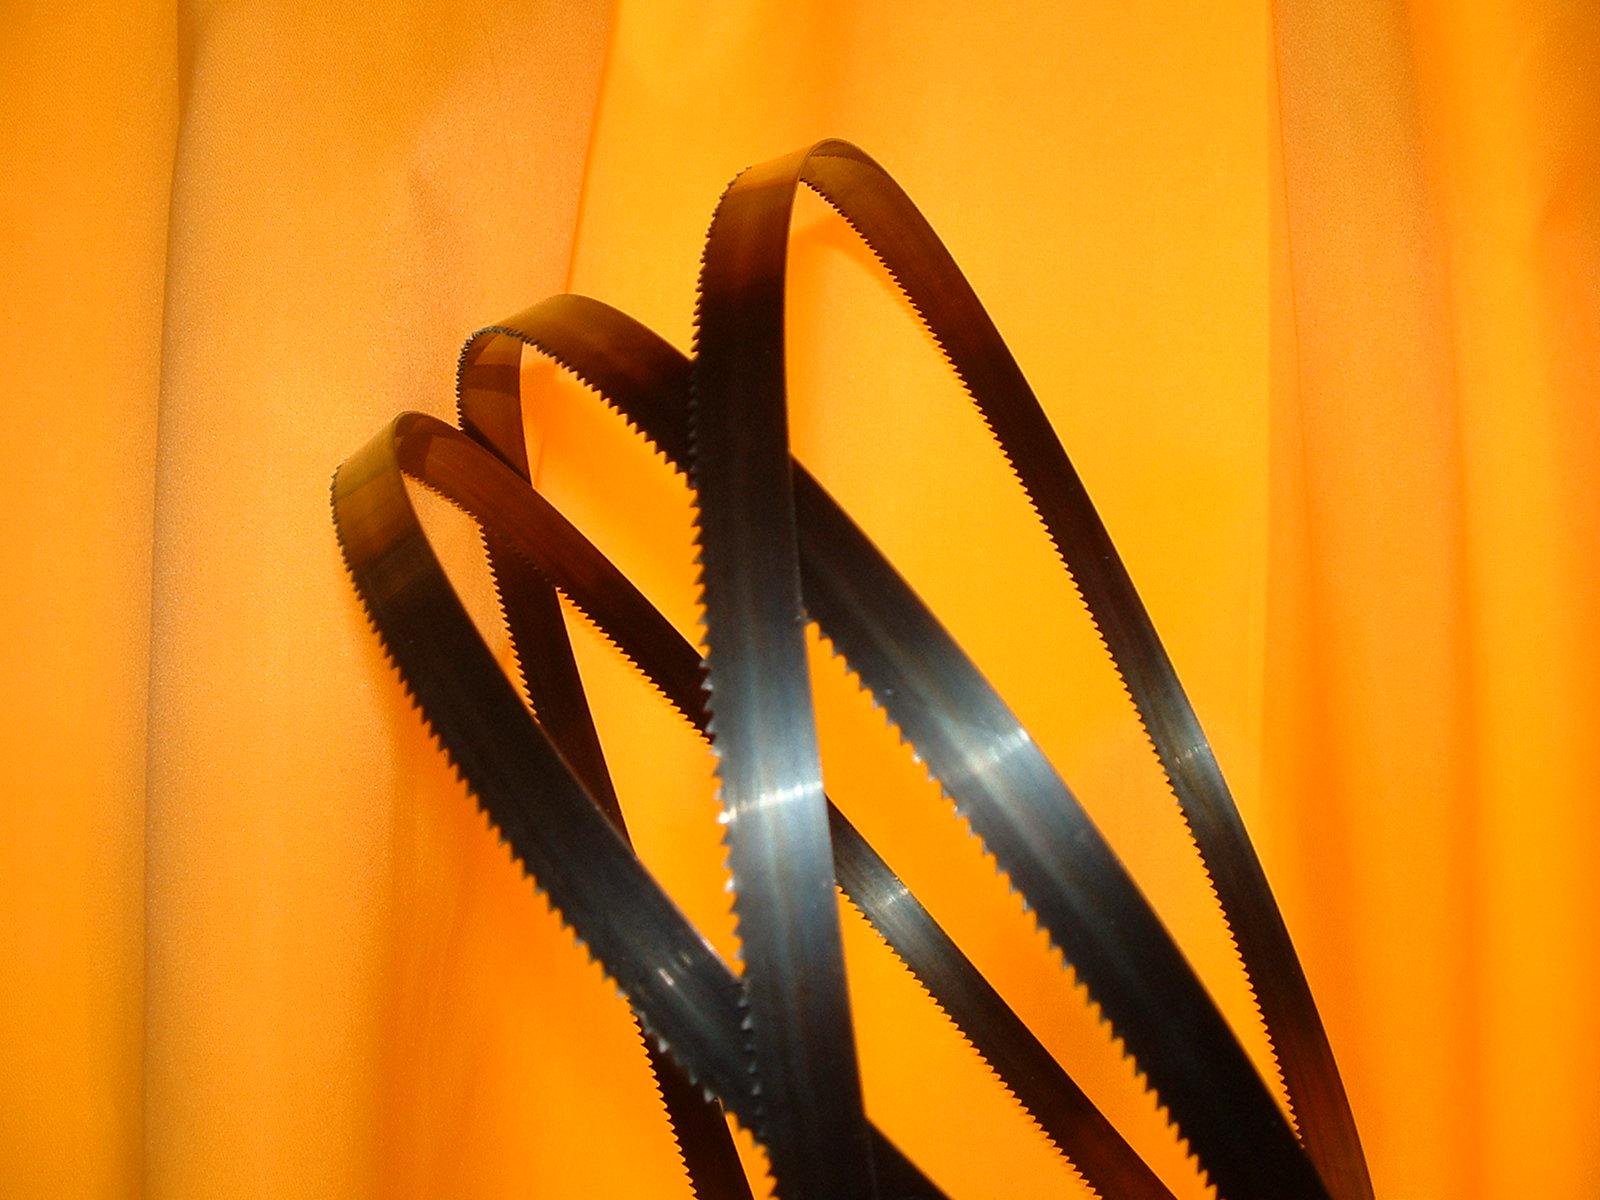 Carbon-Flex lintzaag bandzaag